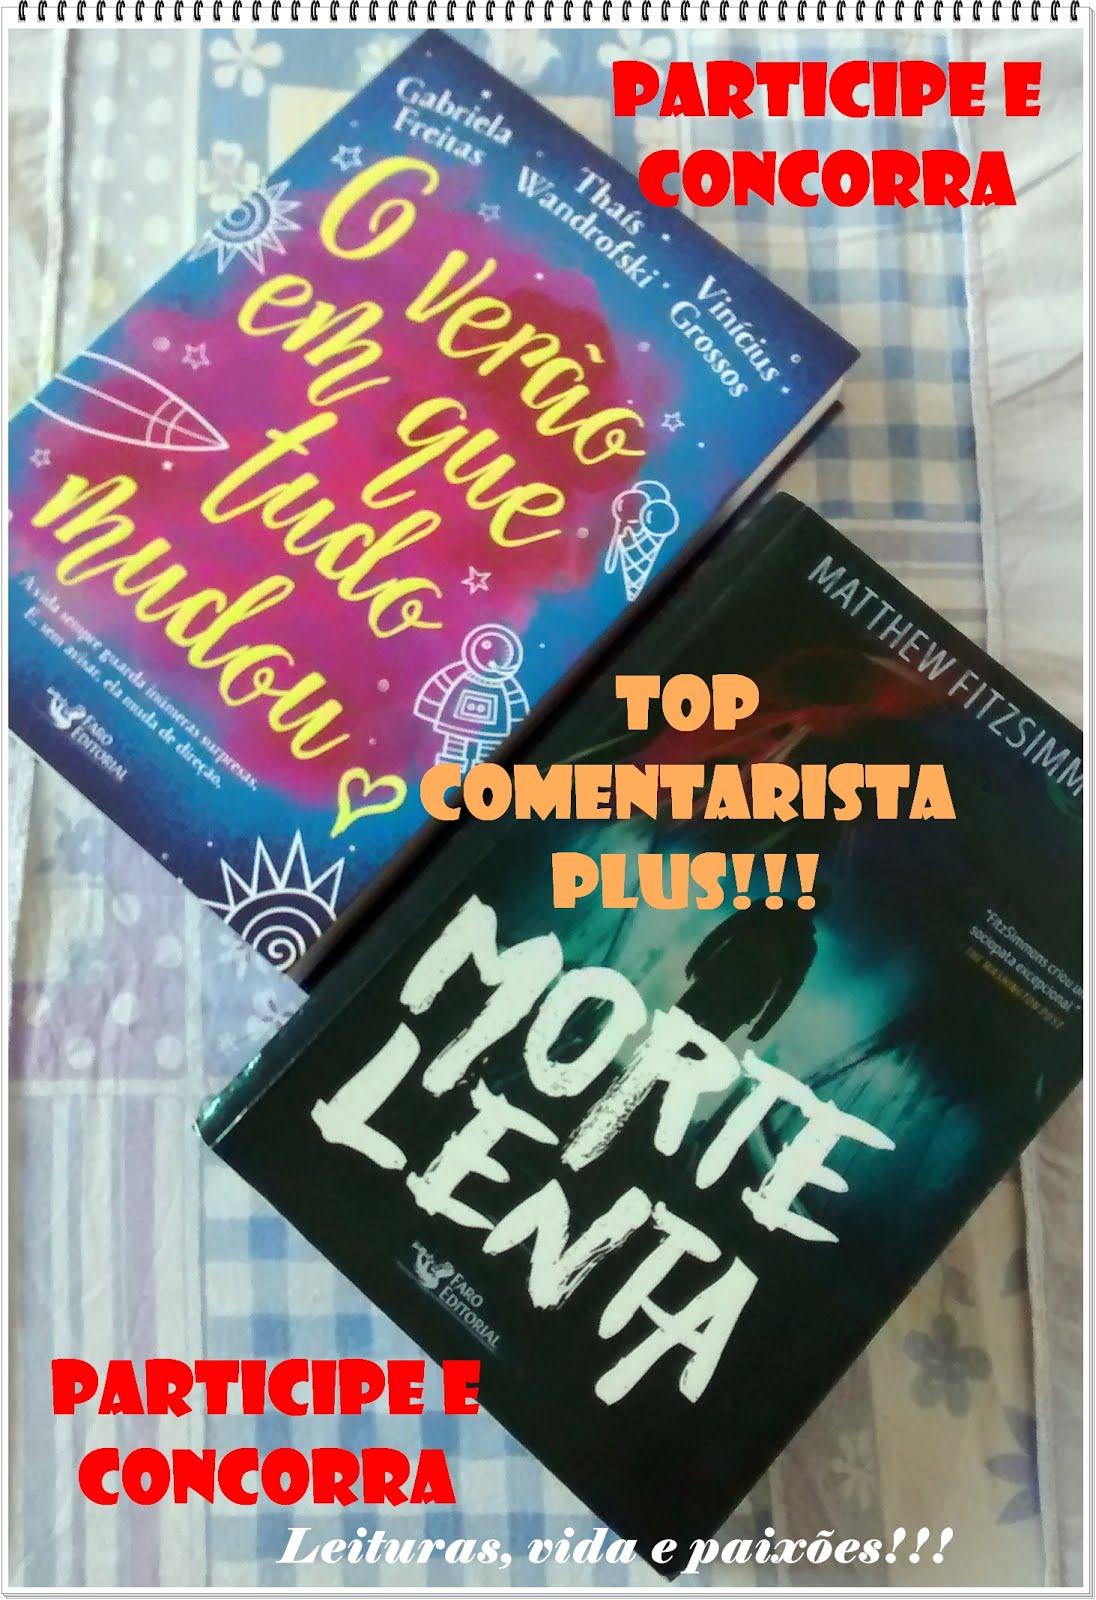 Top comentarista Plus!!